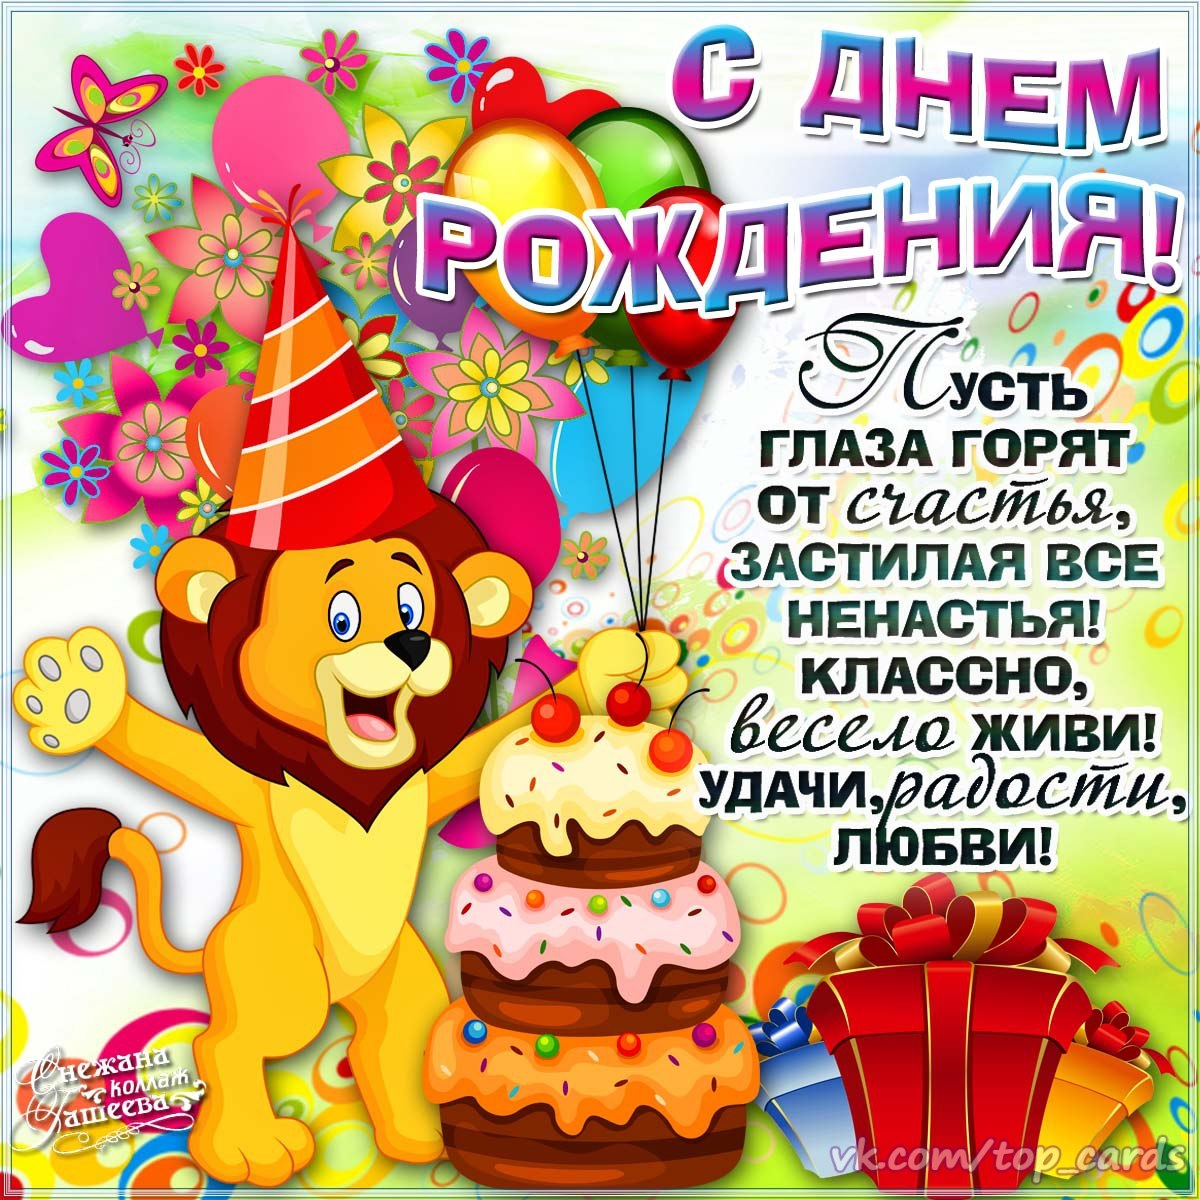 Смешные поздравление с днем рождения мальчику